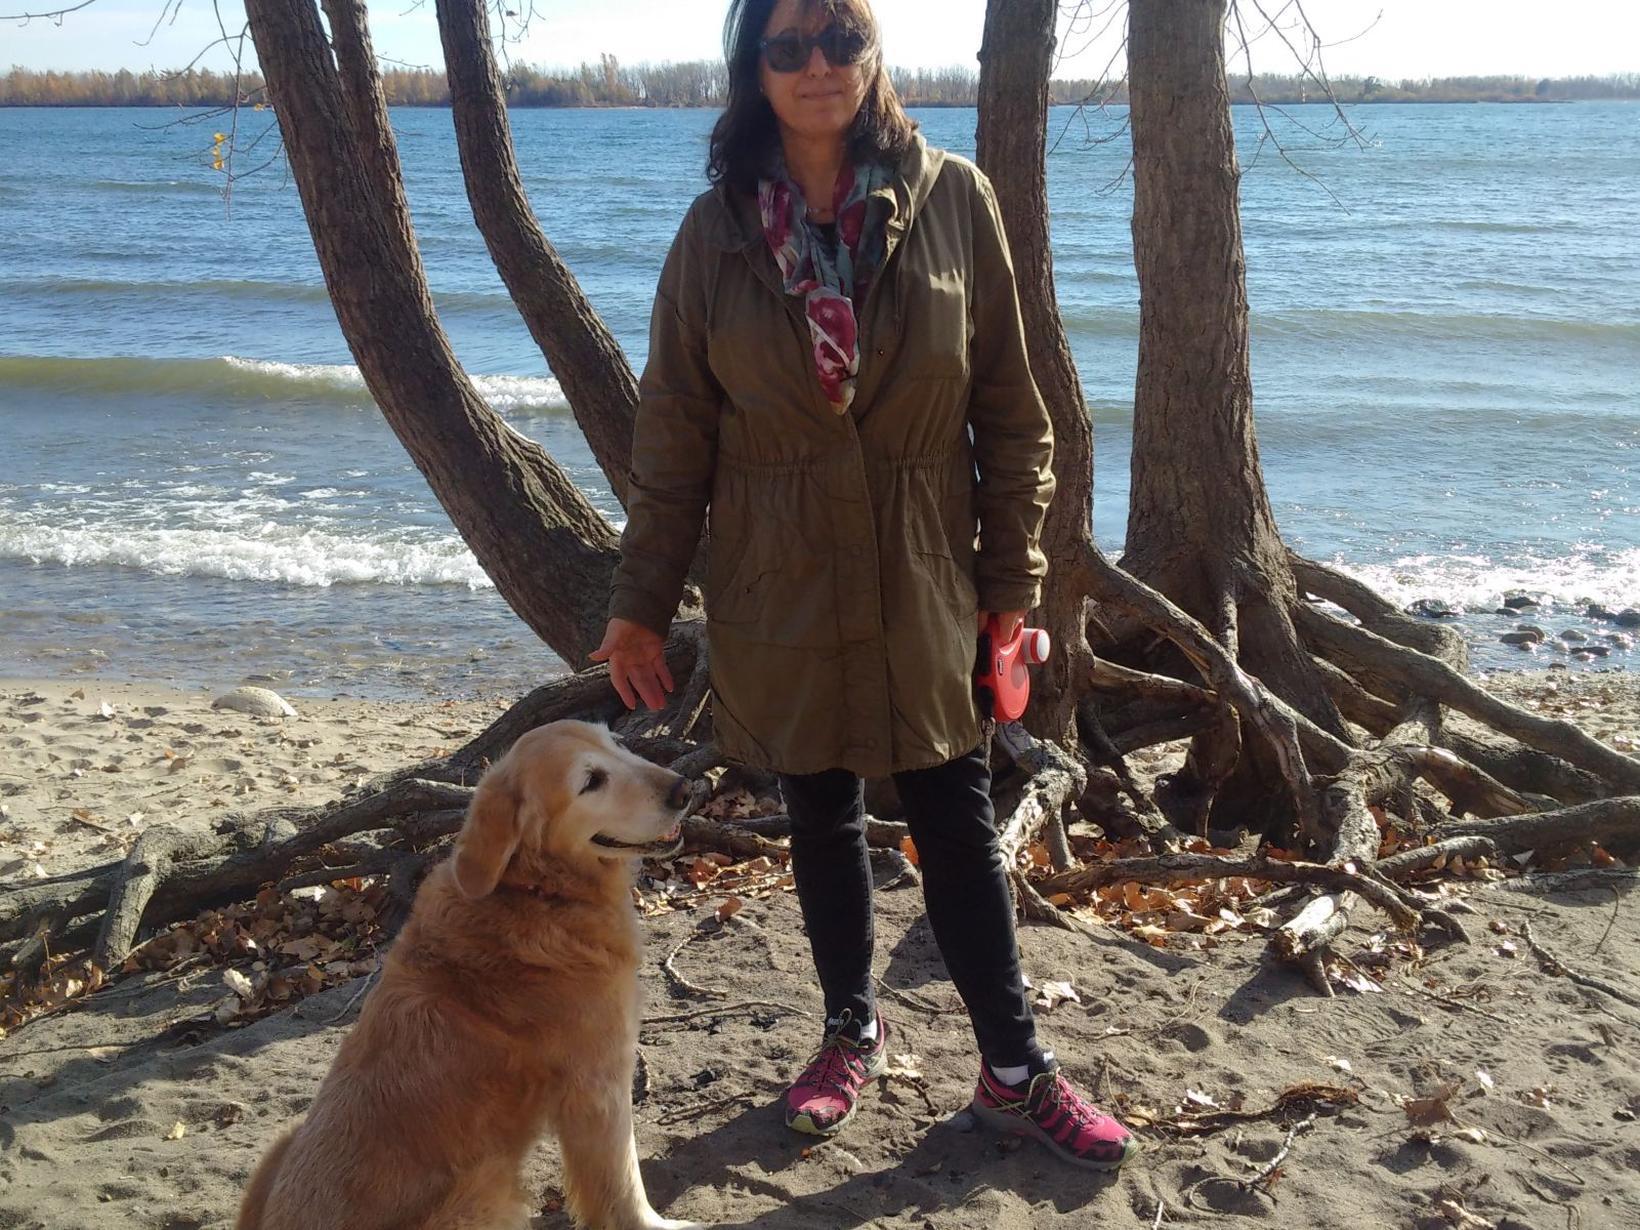 Grazia from Toronto, Ontario, Canada